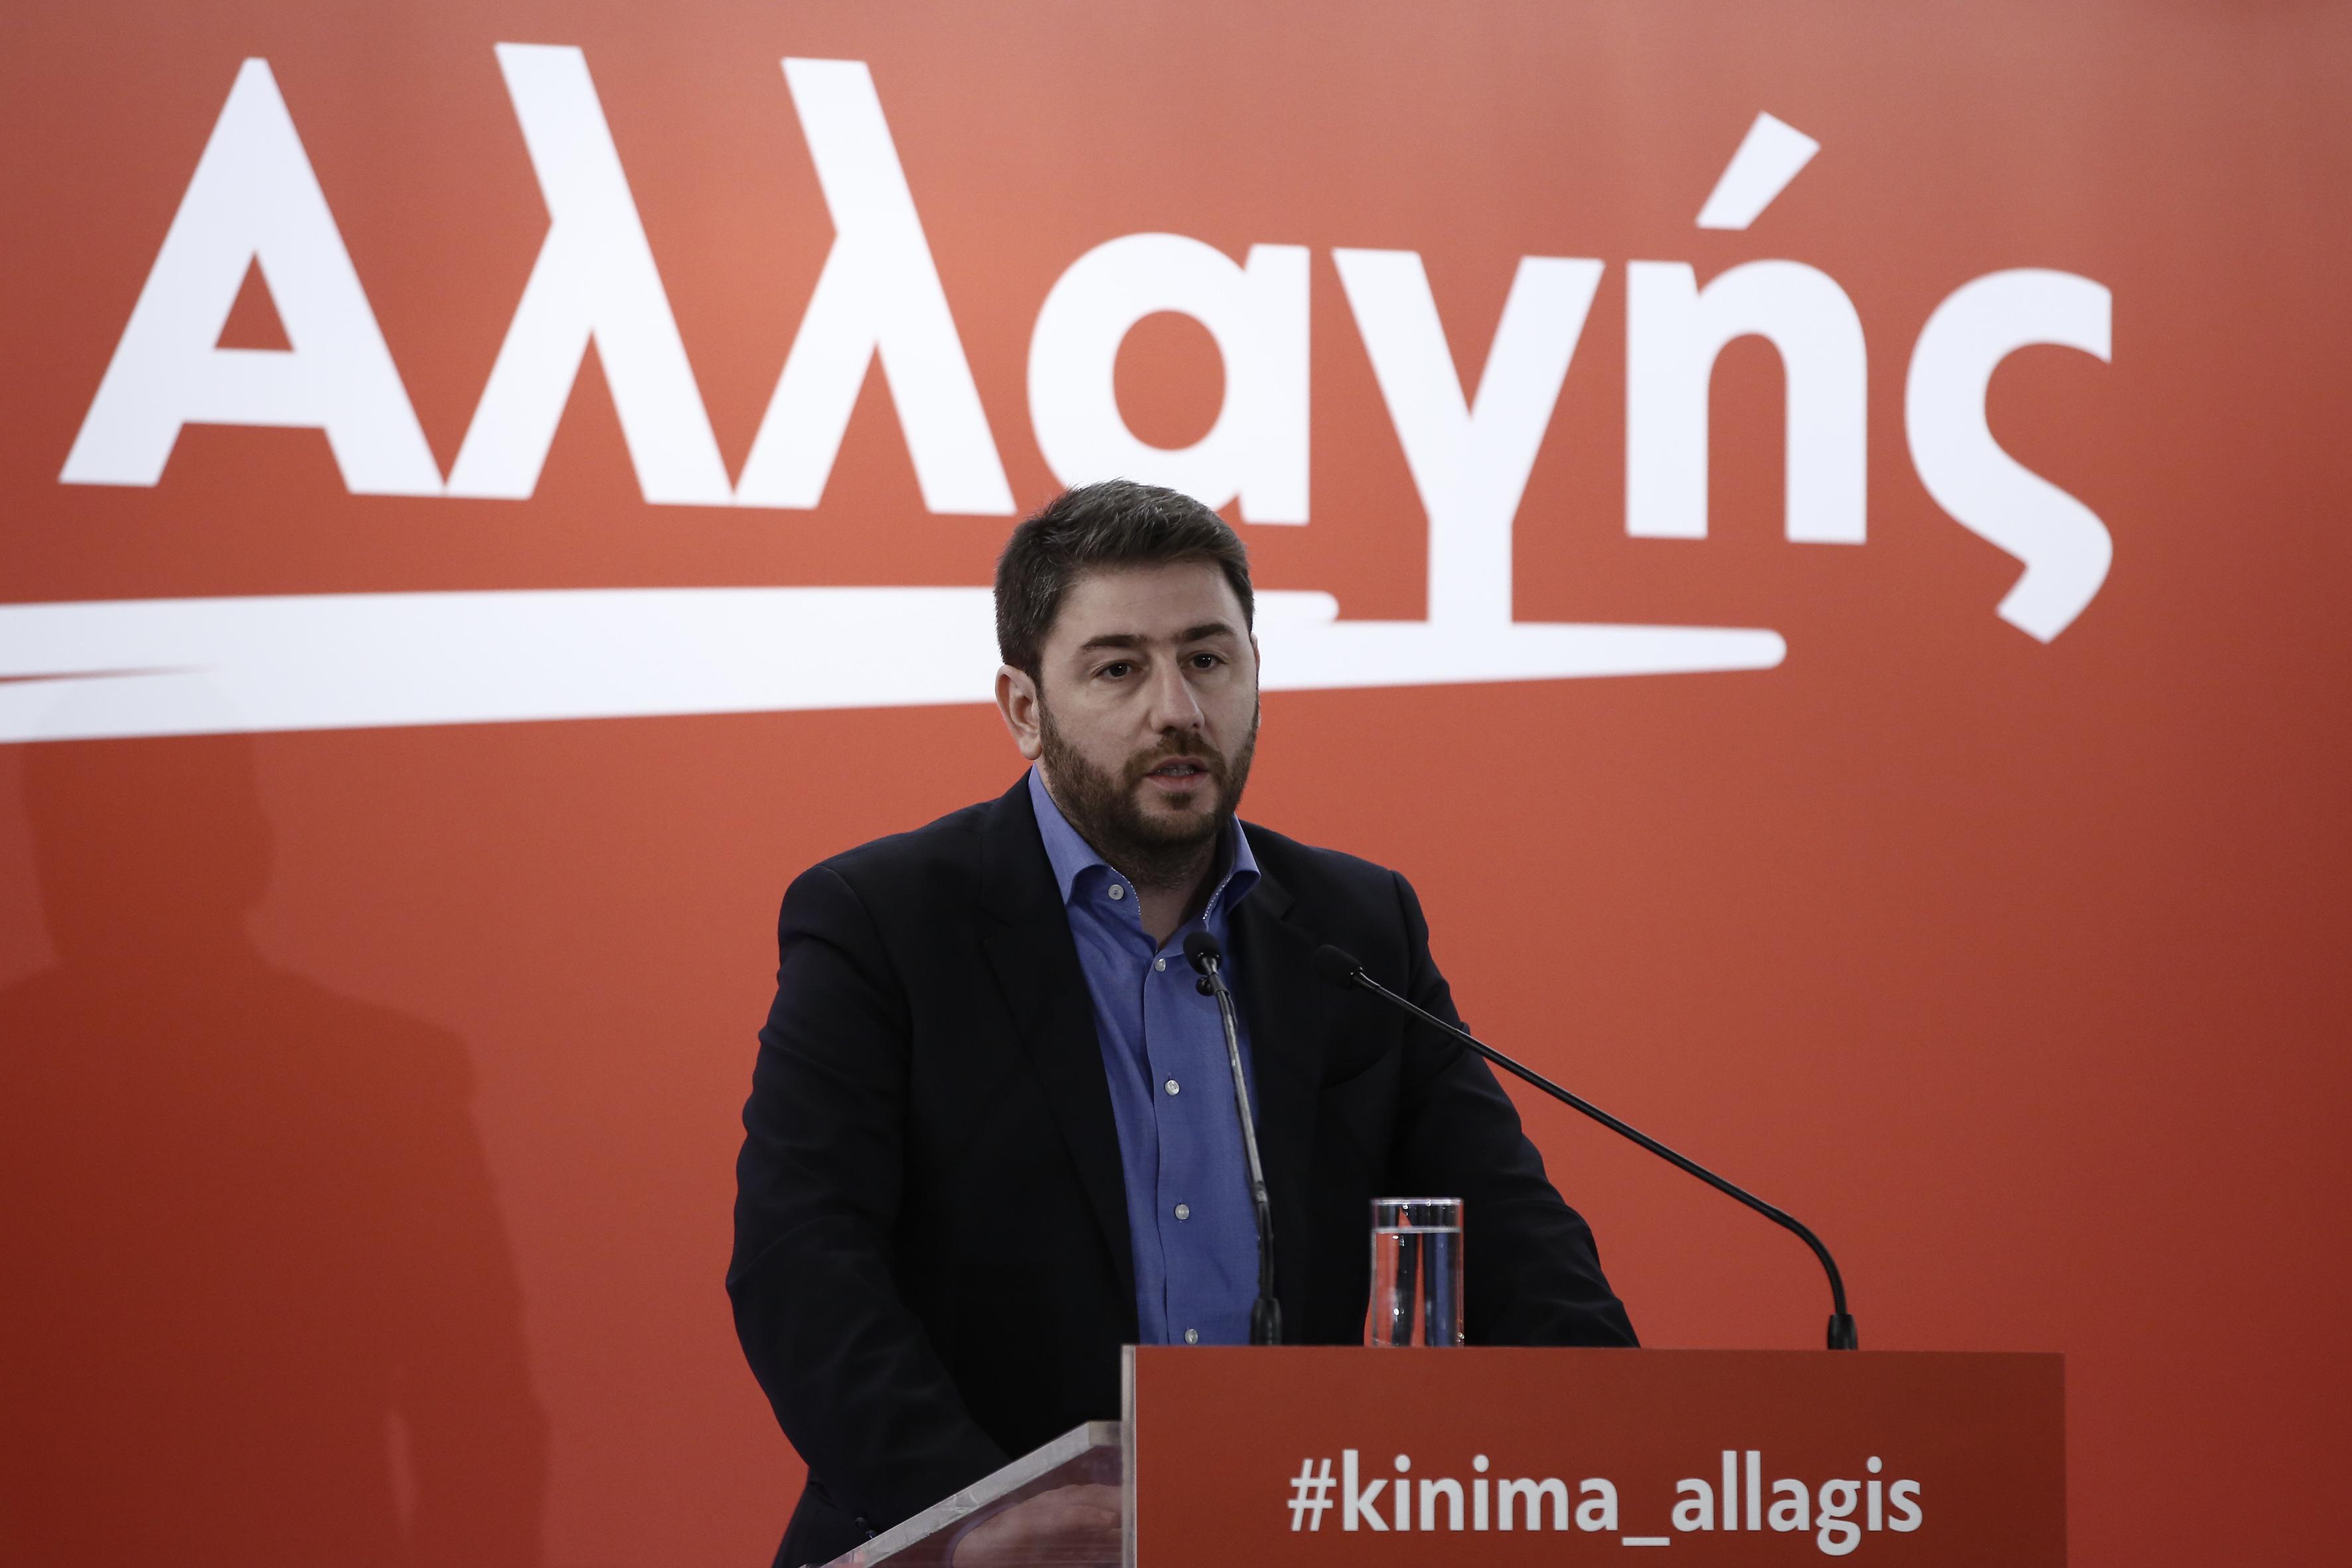 Ανδρουλάκης : Ανάγκη σχεδίου για να ανακάμψει η οικονομία   tovima.gr